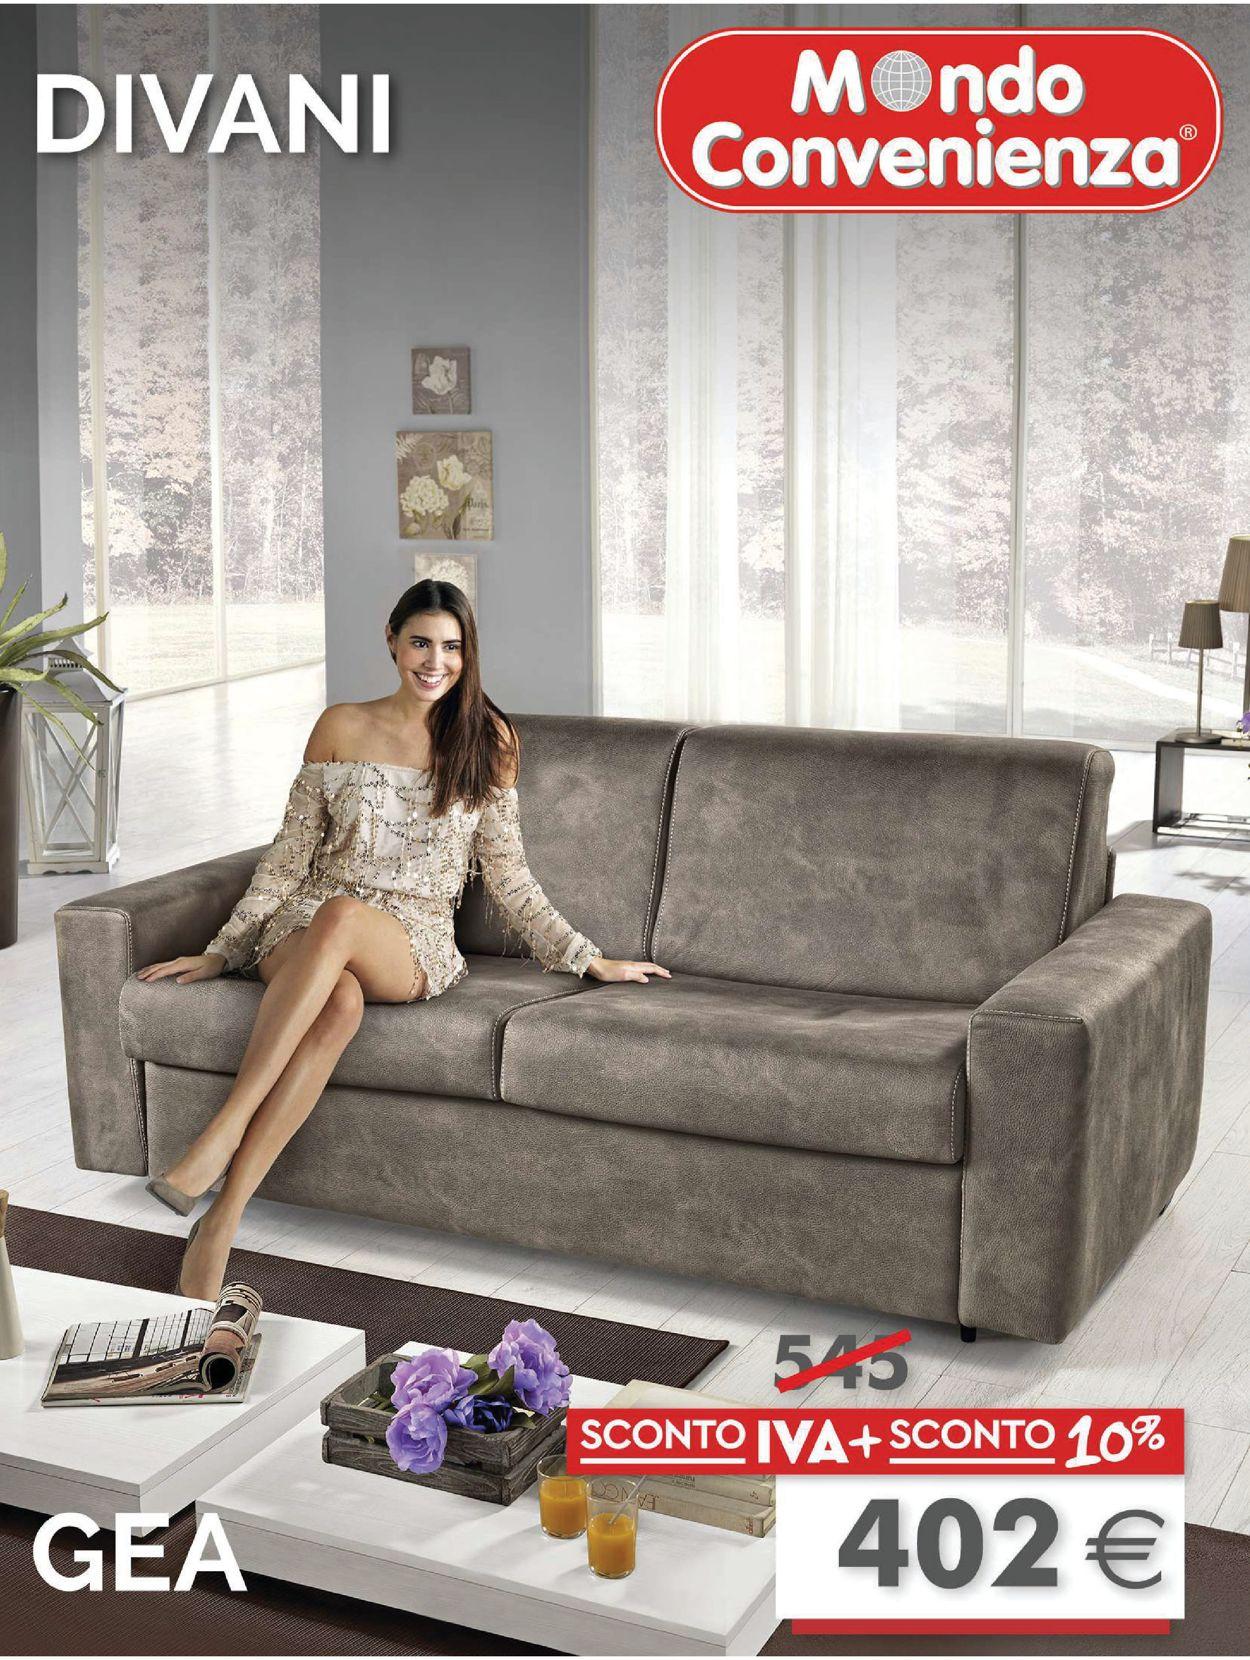 Volantino Mondo Convenienza - Offerte 01/09-08/12/2019